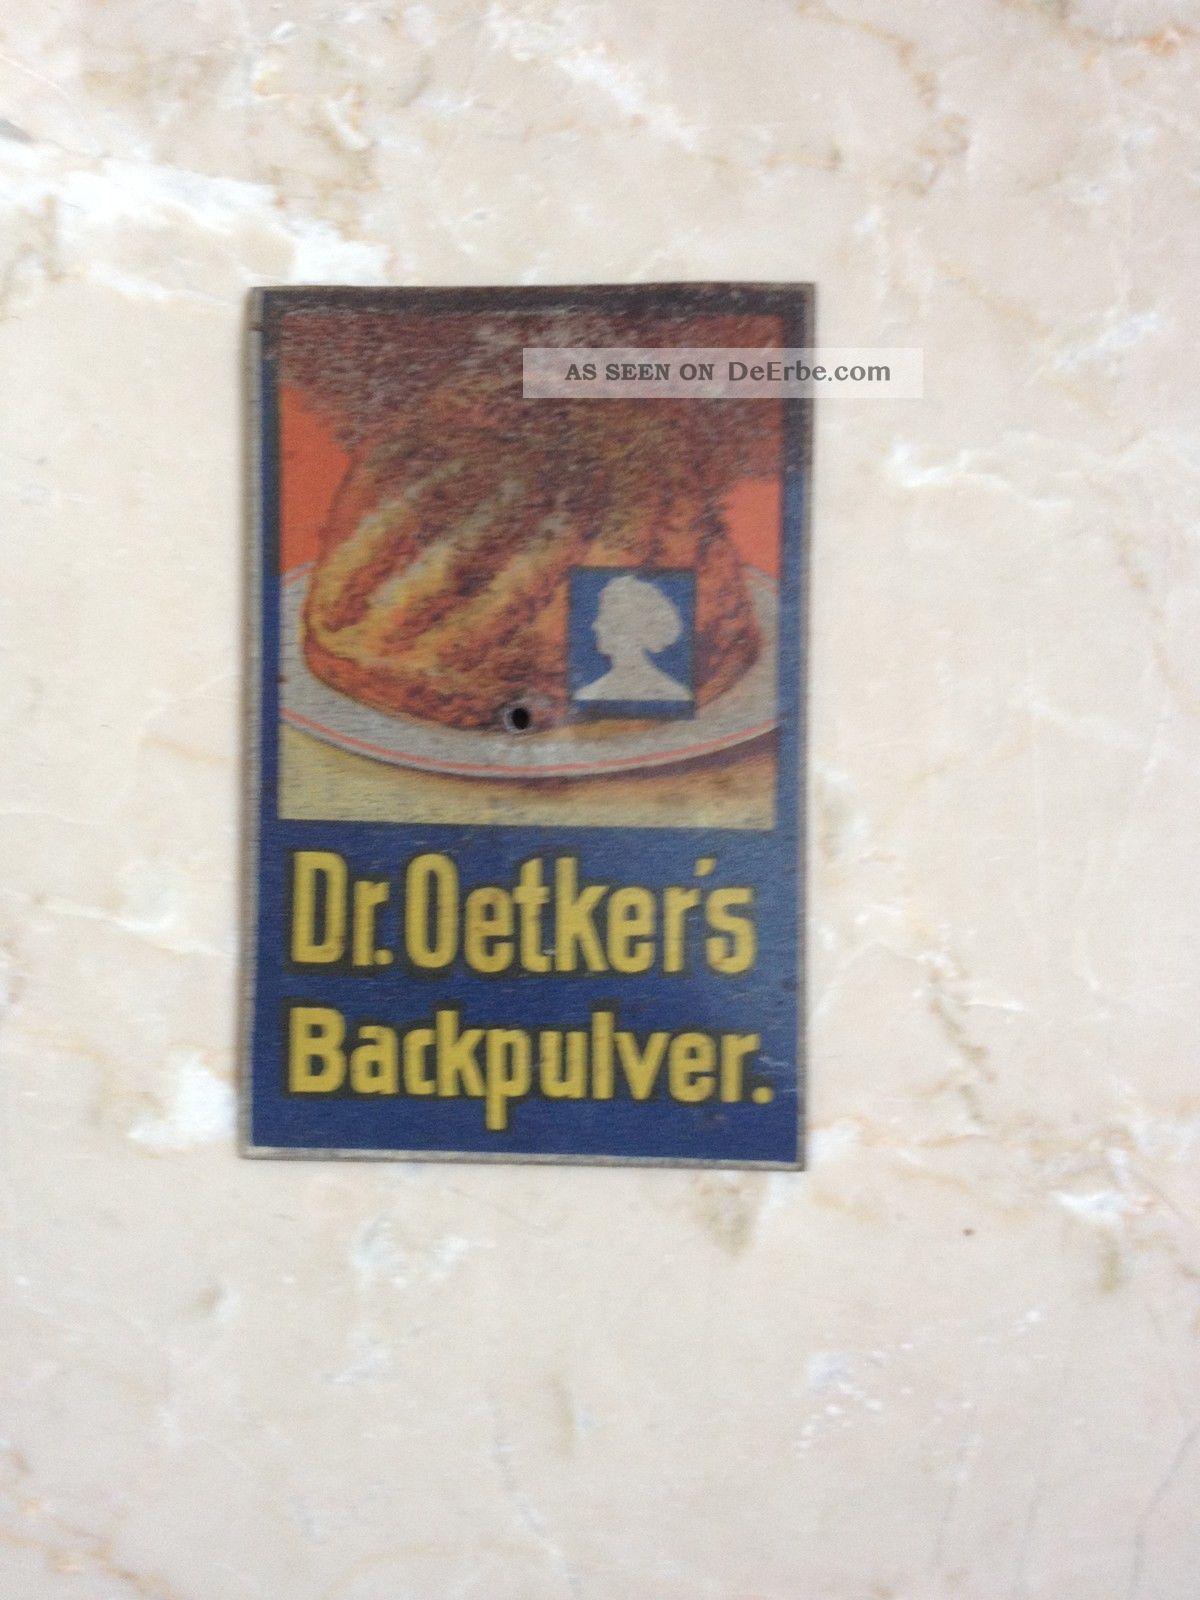 Dr.  Oetker Türschild,  Oetkers ' Backpulver,  Emailleschild,  Tante Emma,  Rar,  Selten Kaufleute & Krämer Bild